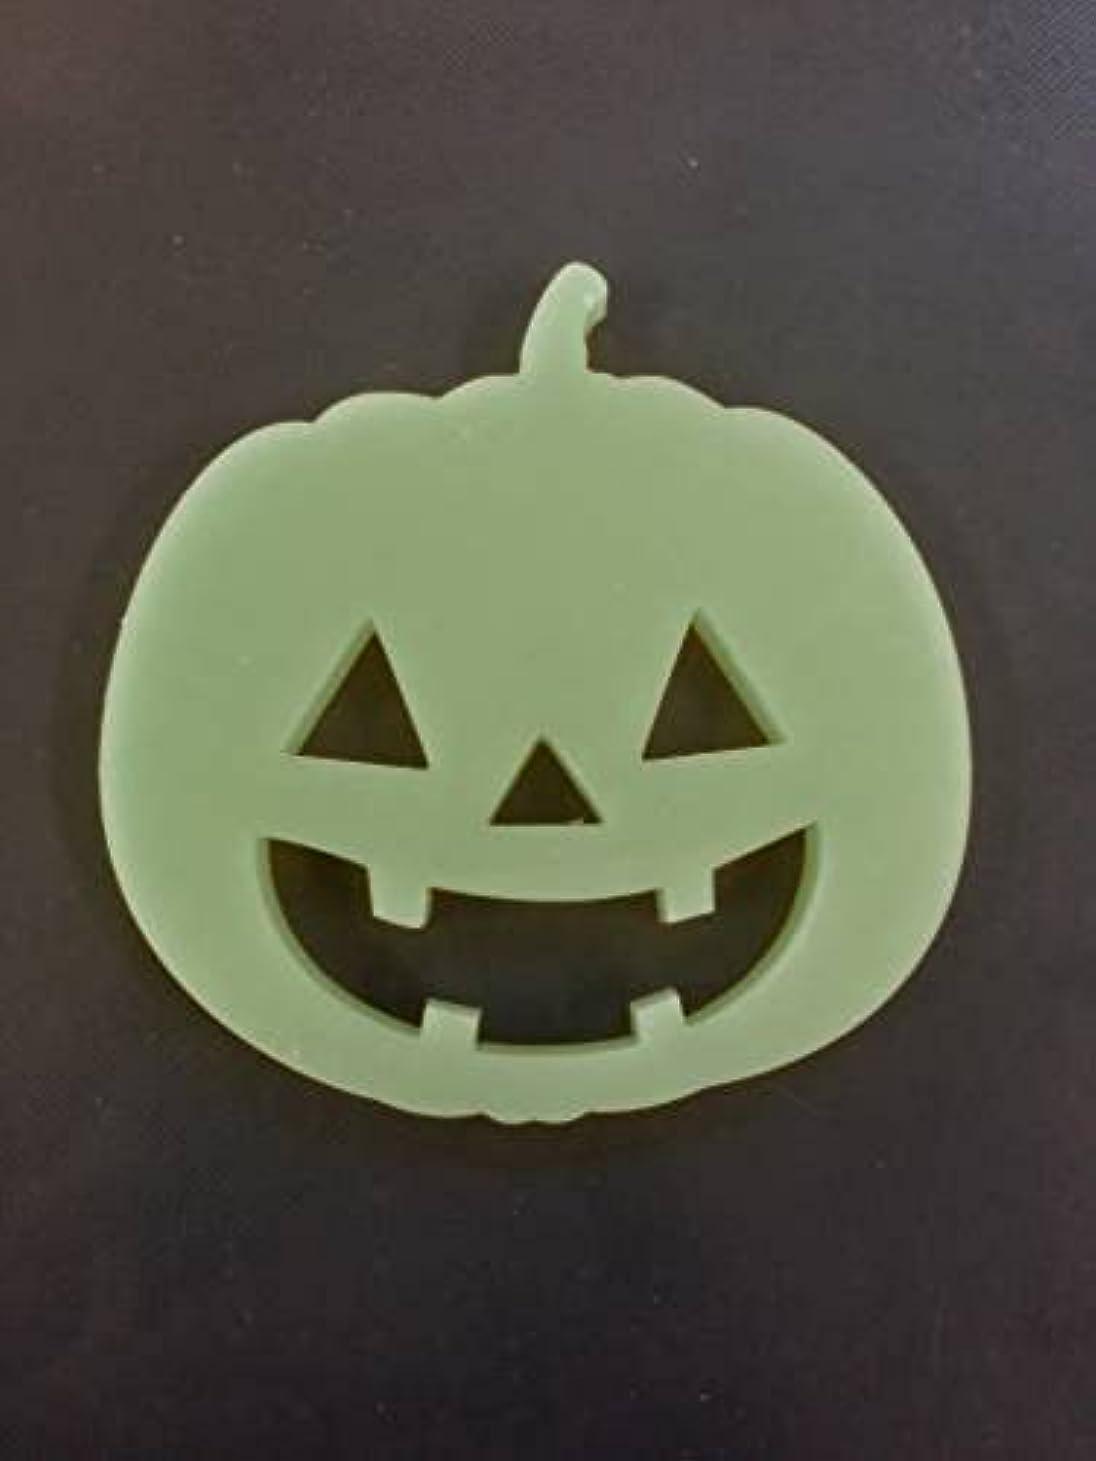 中世のに向けて出発スリチンモイGRASSE TOKYO AROMATICWAXチャーム「ハロウィンかぼちゃ」(GR) レモングラス アロマティックワックス グラーストウキョウ